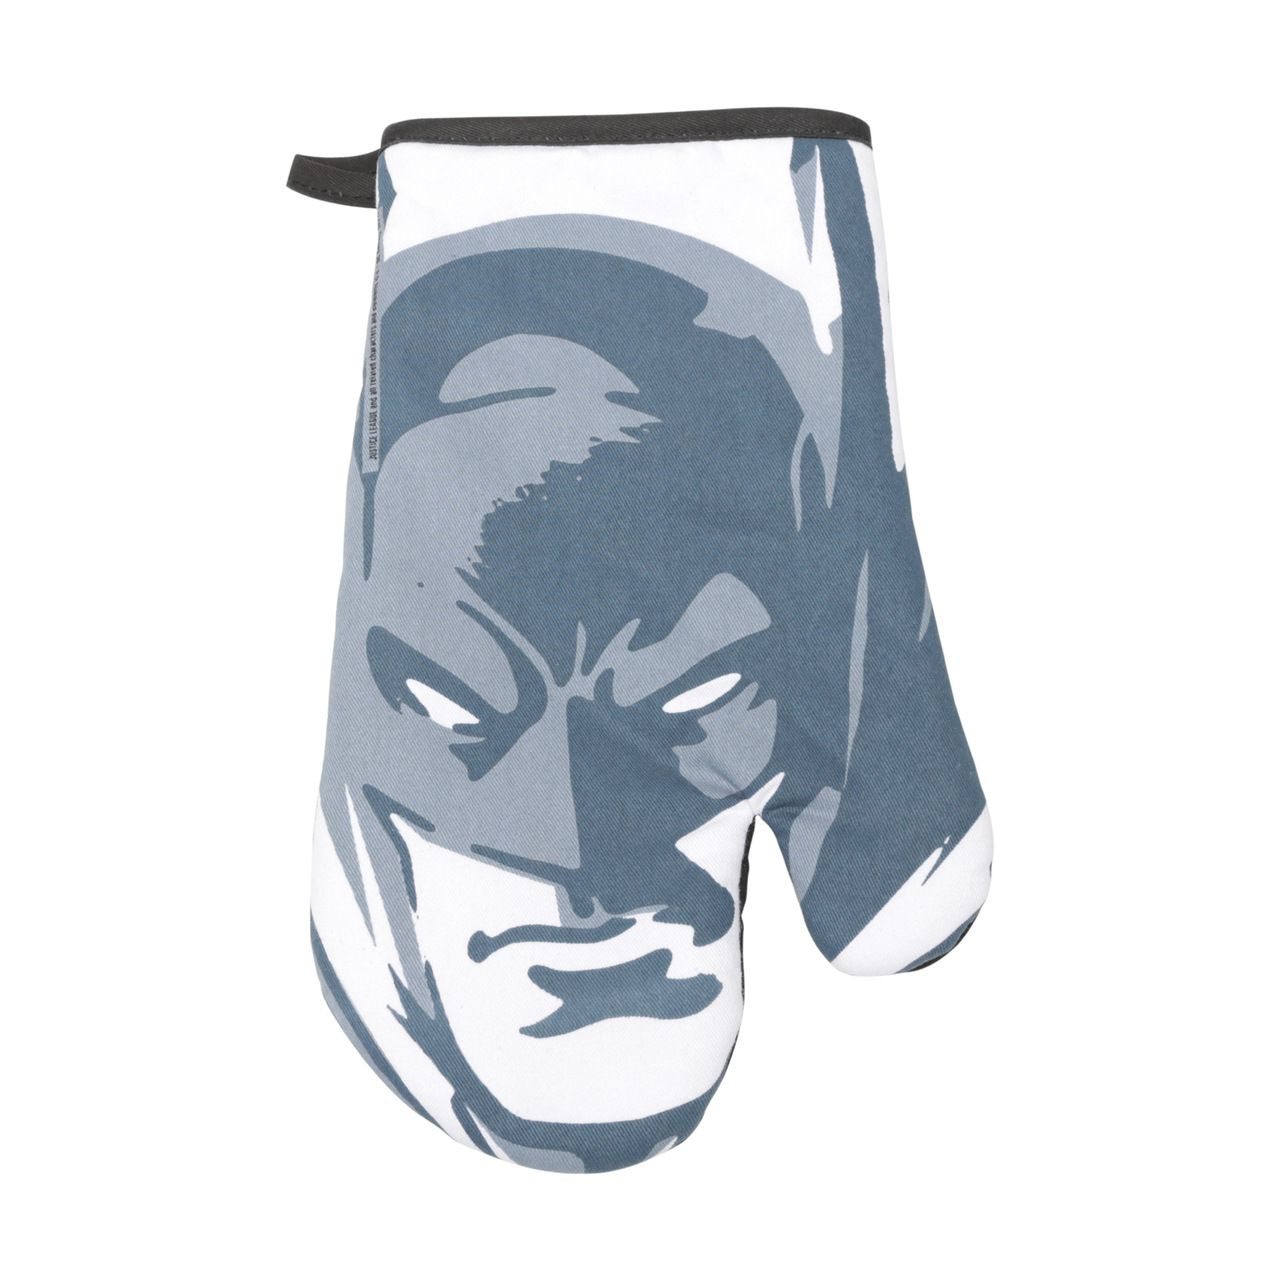 Luva de Forno/Cozinha Batman - Urban